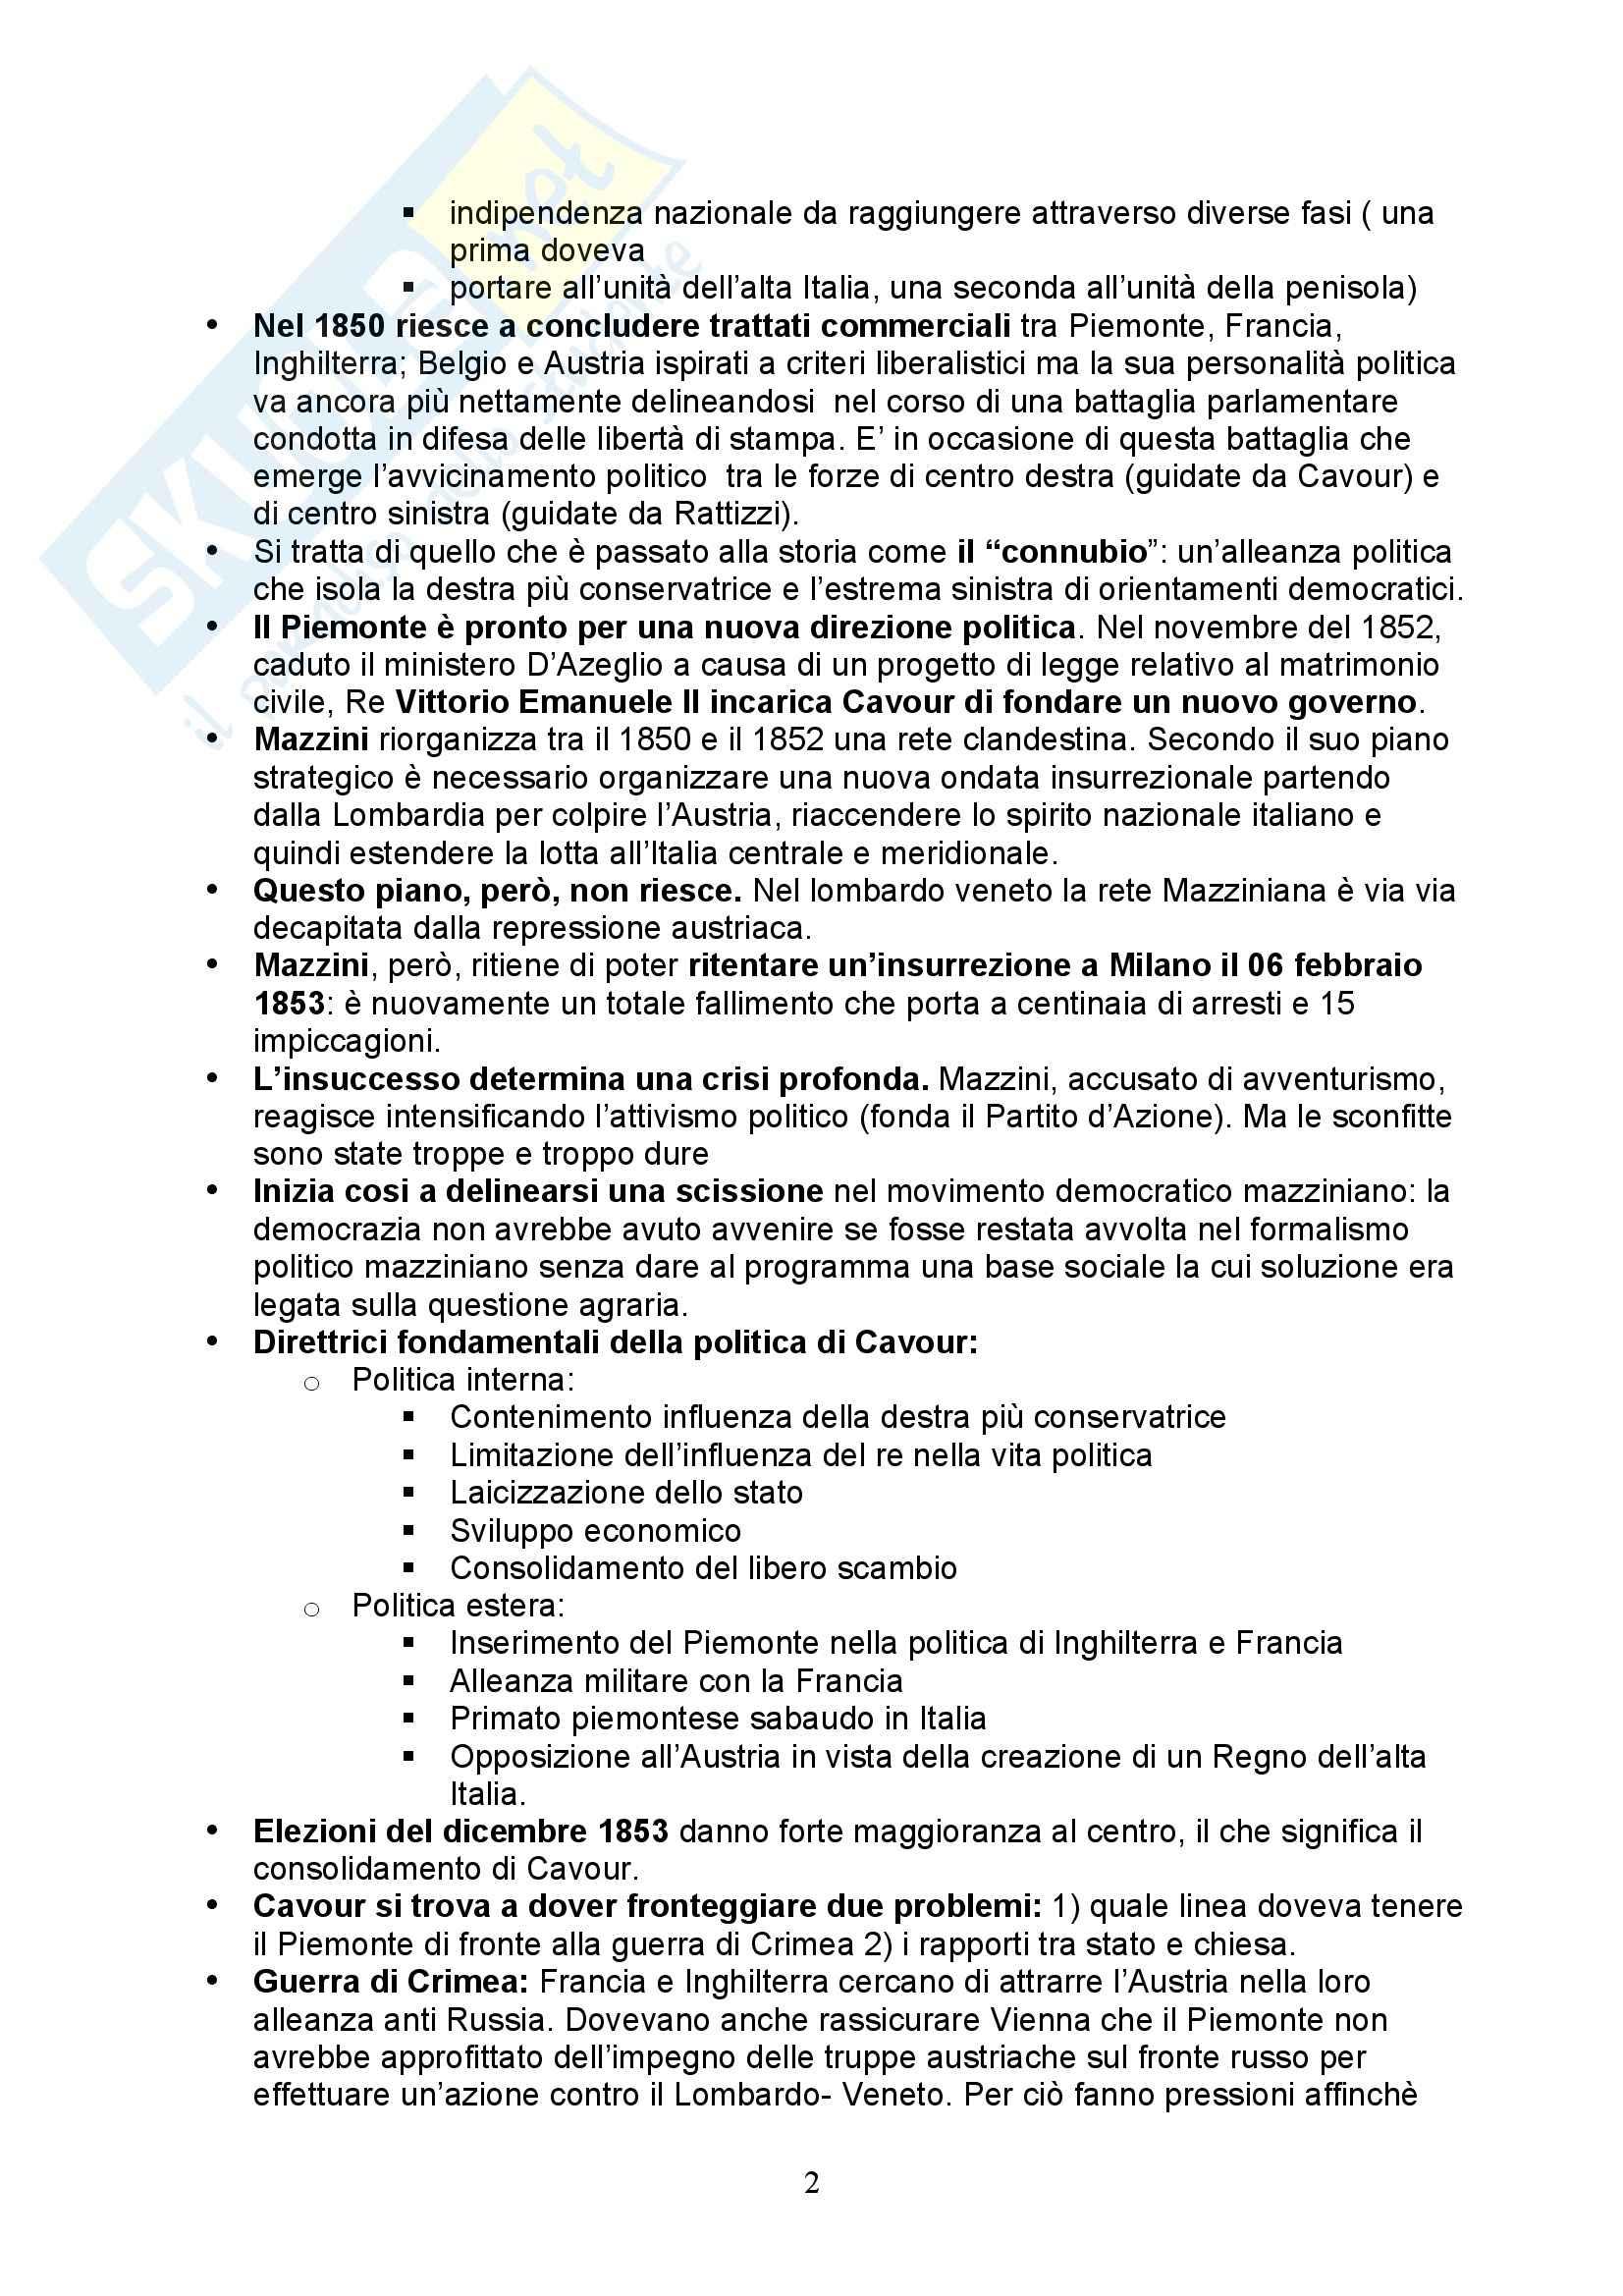 Storia Contemporanea - dall'unità d'Italia al secondo dopoguerra Pag. 2